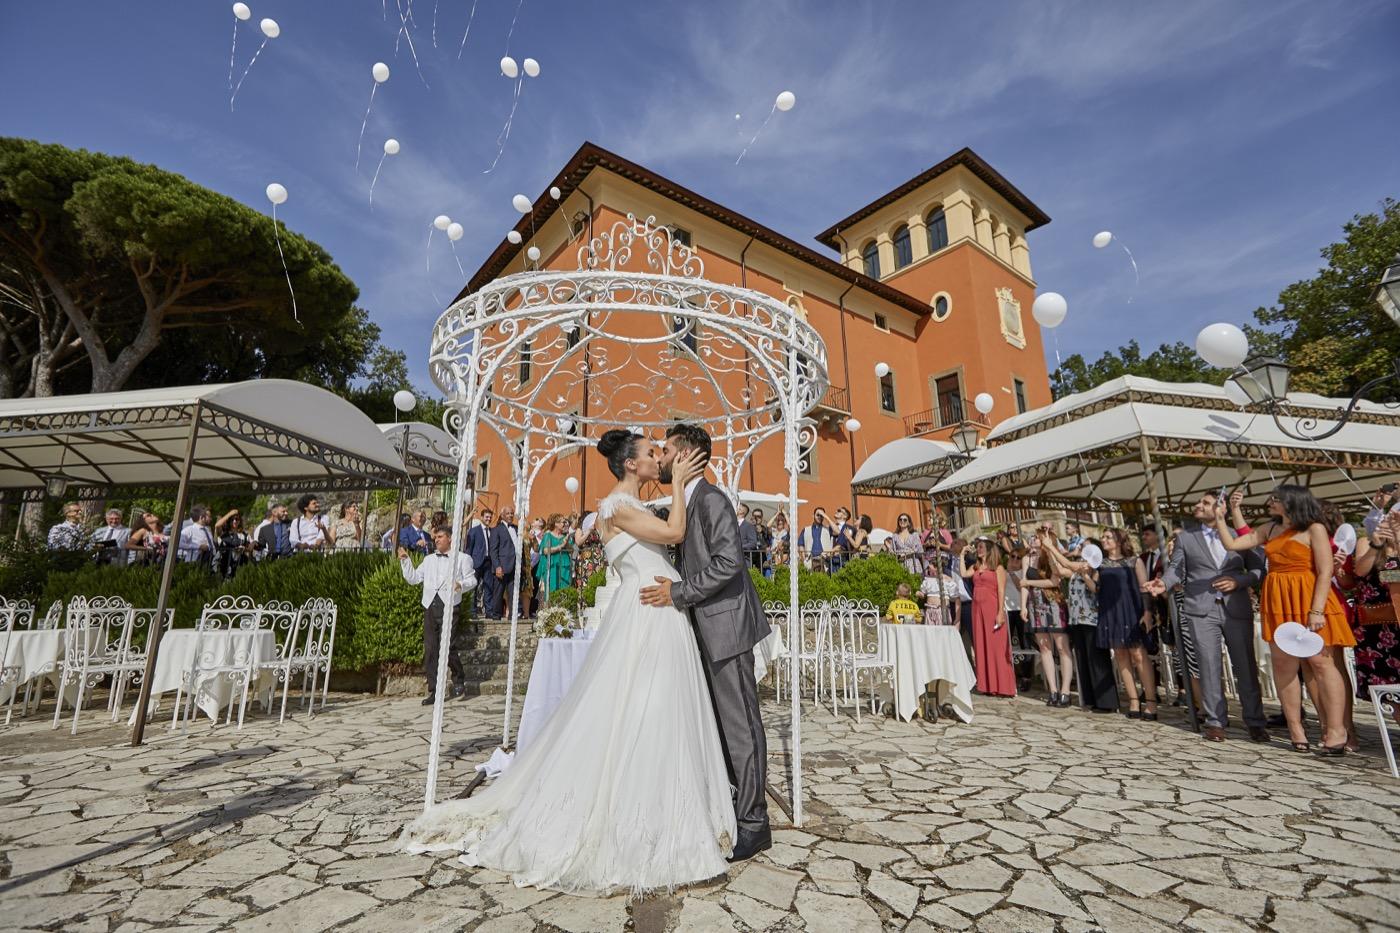 Claudio-Coppola-wedding-photographer-villa-del-cardinale-rocca-di-papa-castel-gandolfo-72